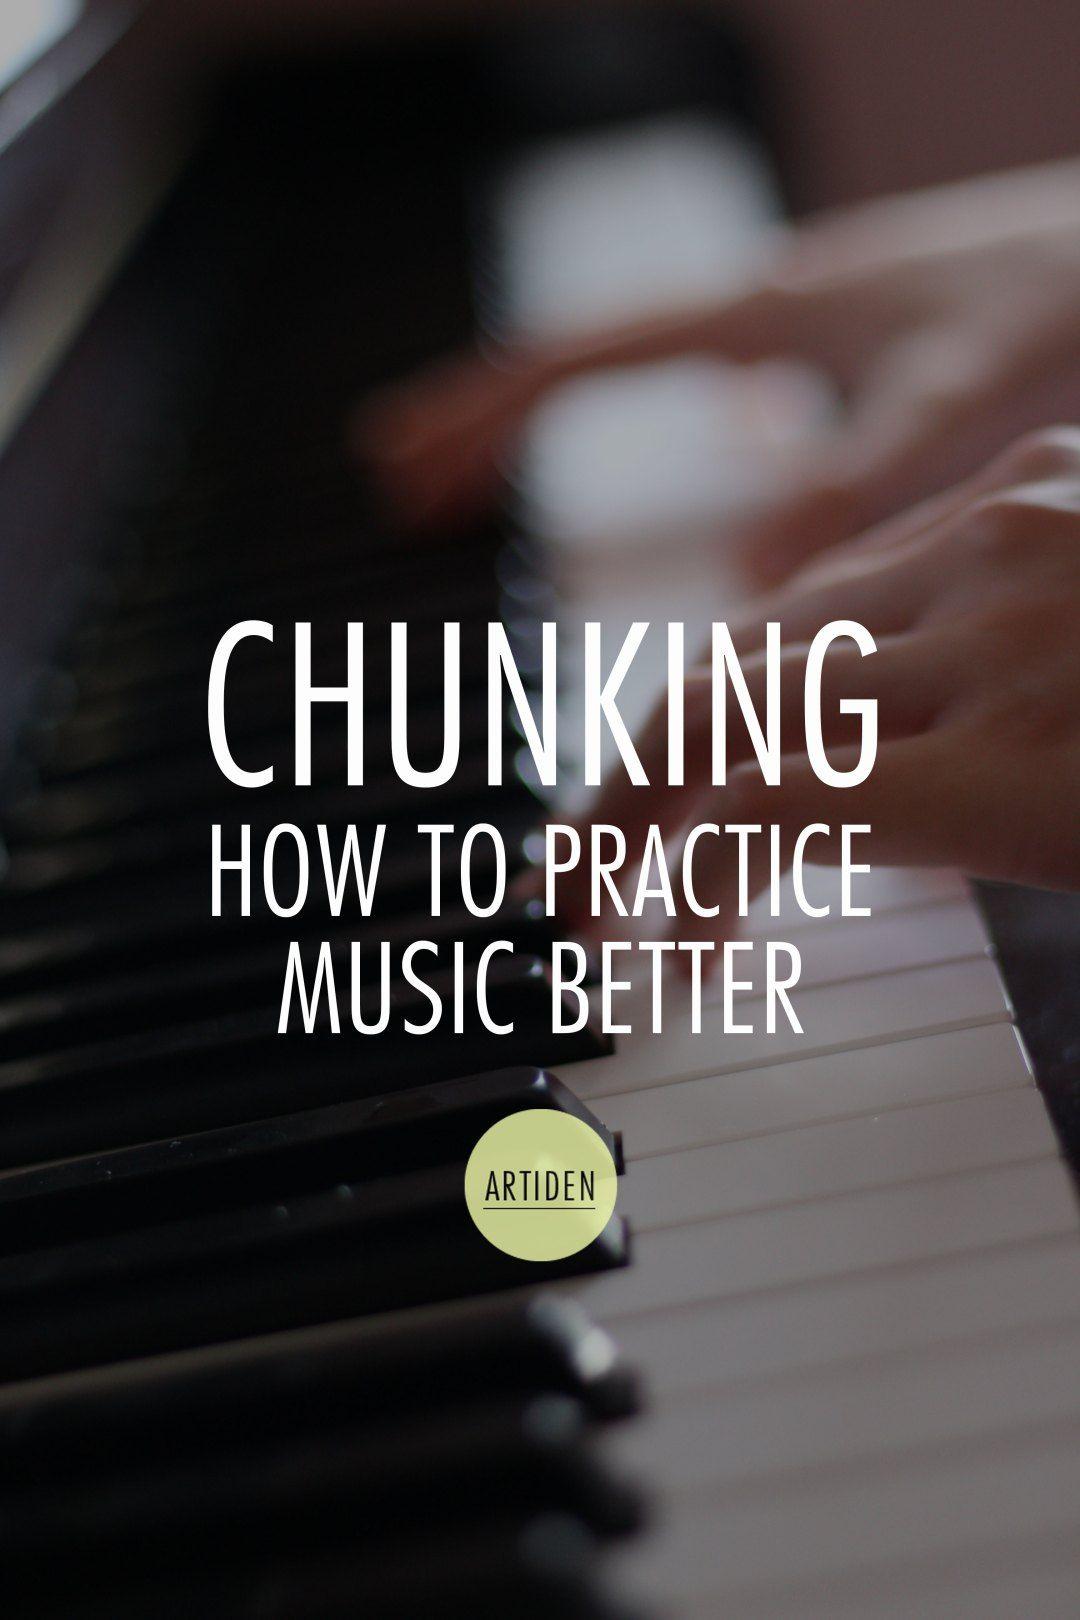 Chunking Technique for Better Music Practice - Artiden